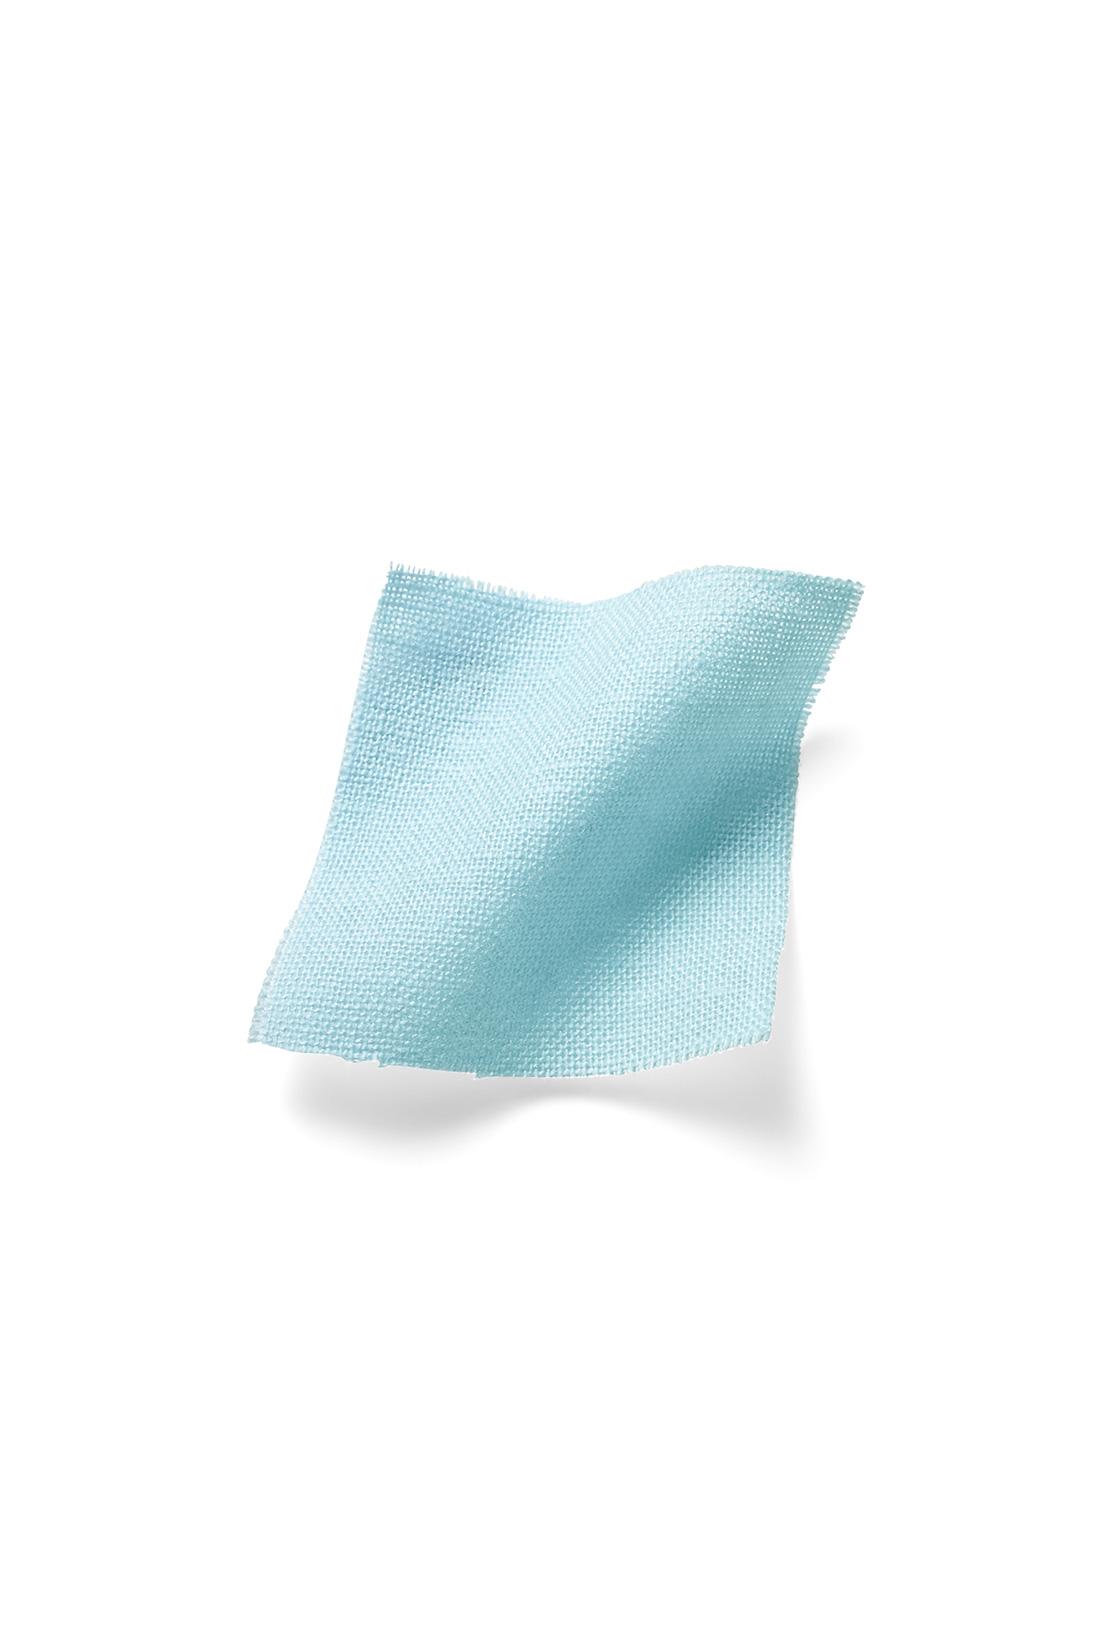 ほどよい厚みのコットンリネン素材に洗いをかけて風合いをアップ。 ※お届けするカラーとは異なります。